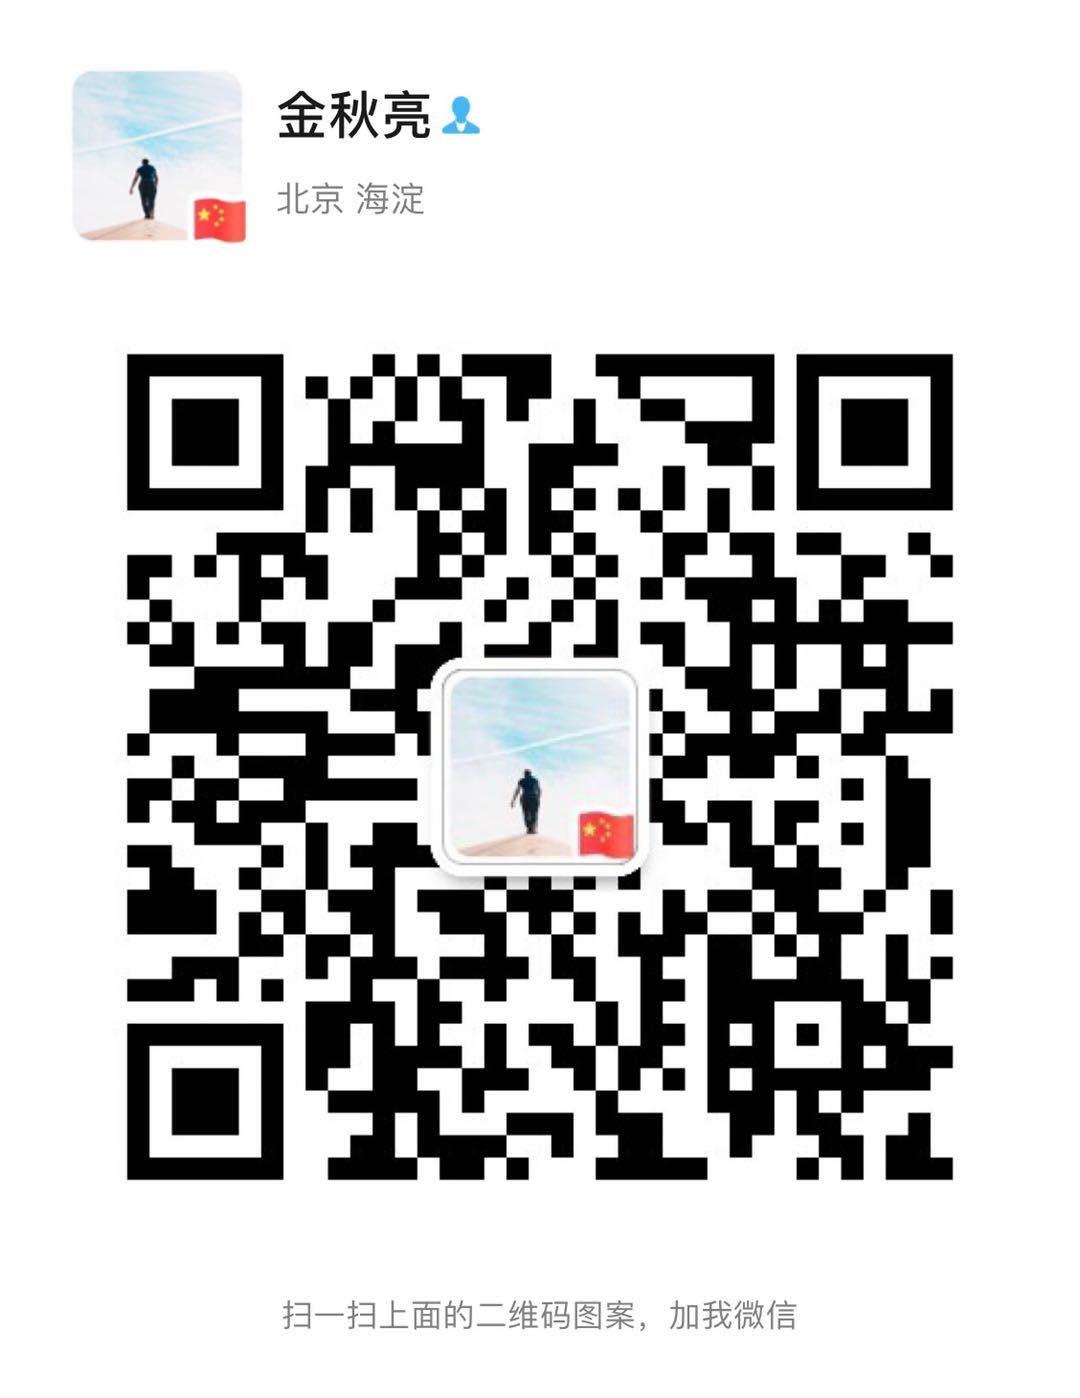 b533f2794c9a6d2b2cdbaee07e2c0e9.jpg